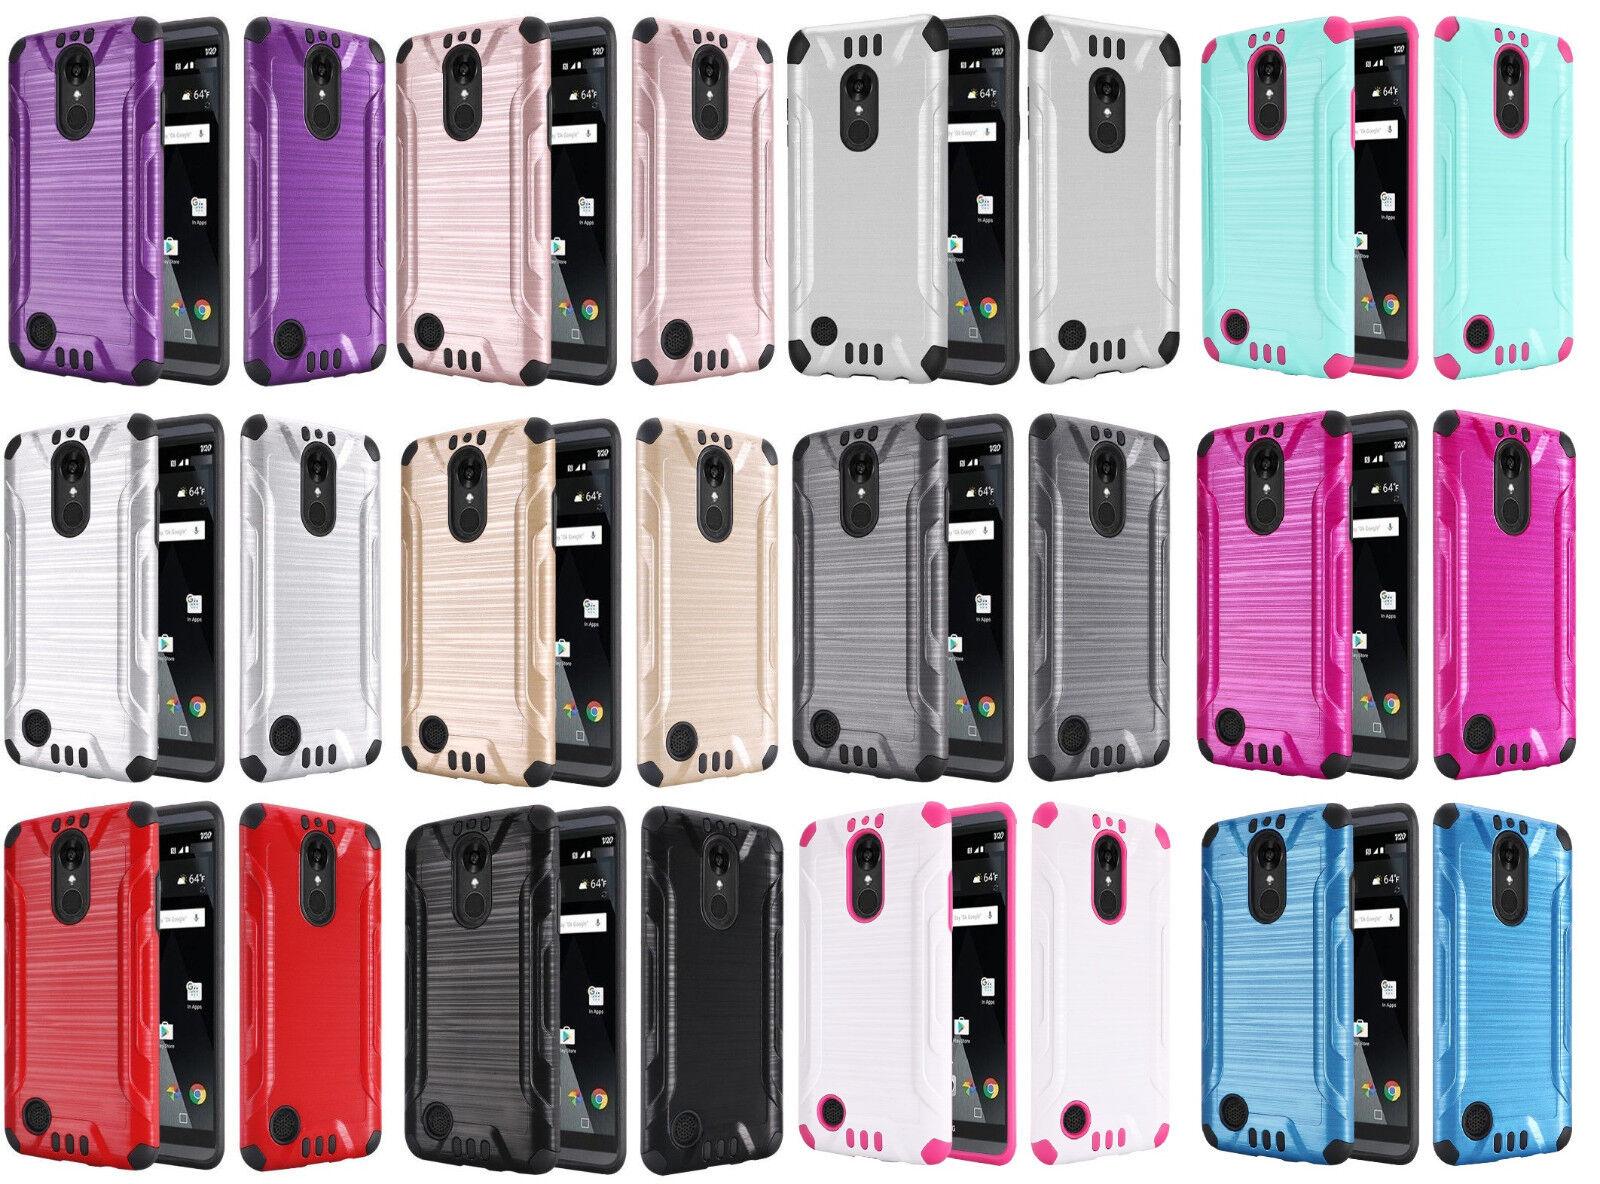 Купить Unbranded/Generic LG Rebel 2 LTE L57BL L58VL - Combat Hybrid Case Phone Cover for LG Rebel 2 LTE L57BL L58VL